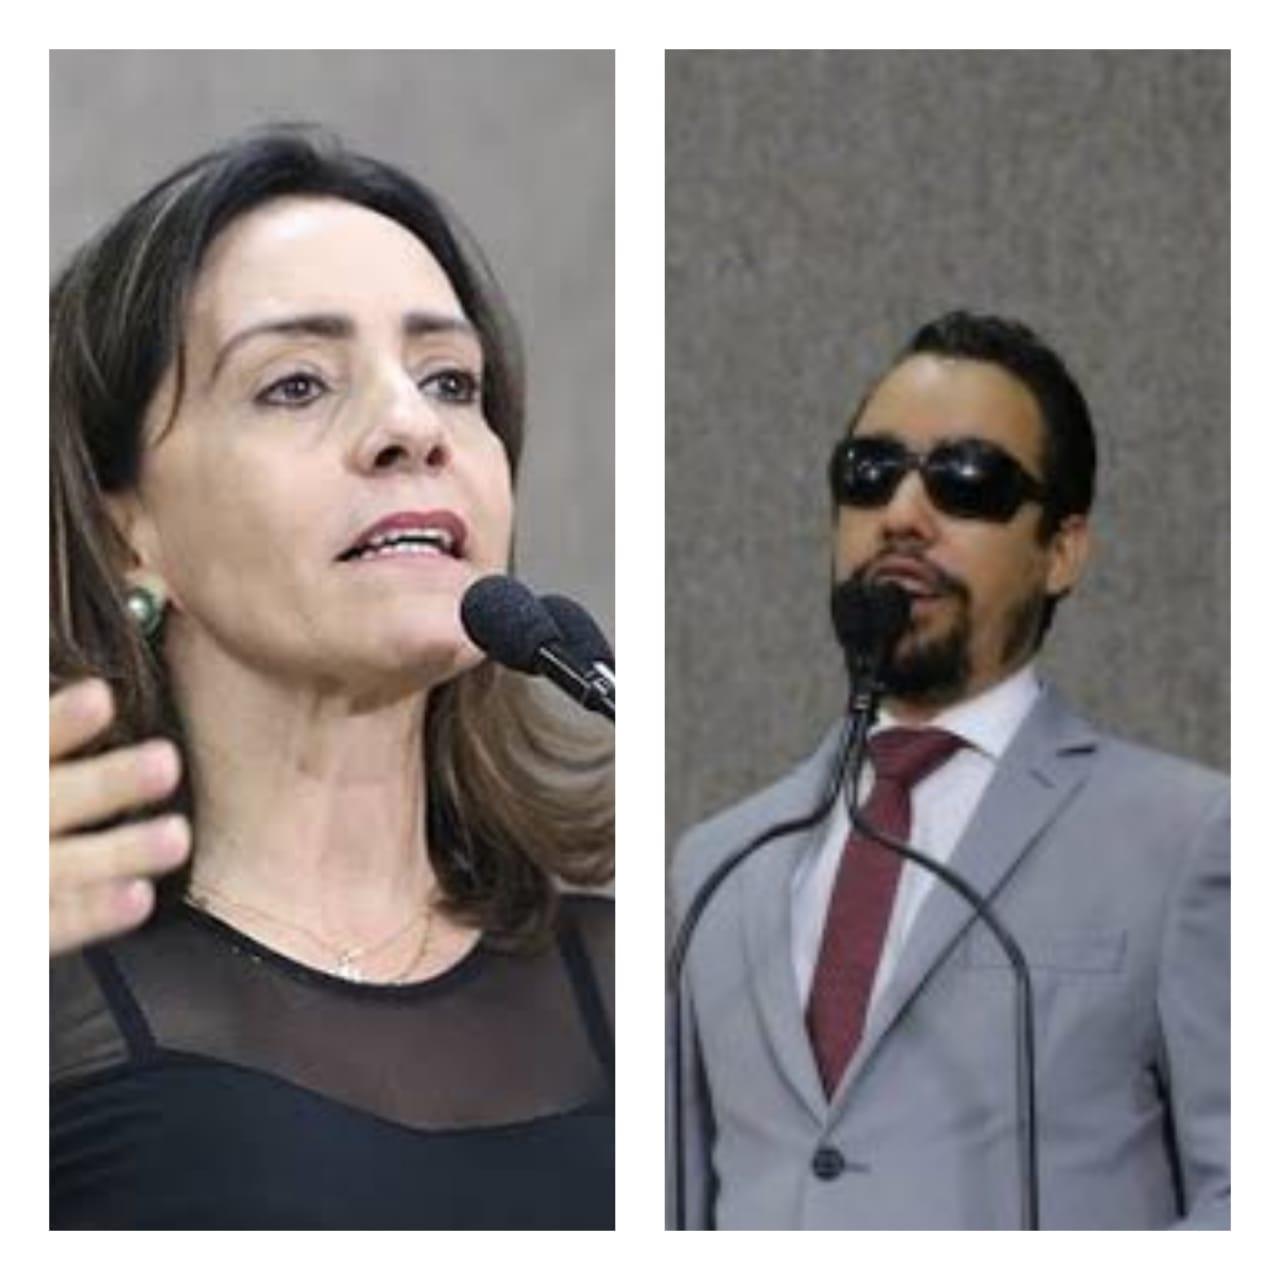 #PraTodoMundoVer: A imagem mostra duas fotos sendo uma da vereadora Emília Corrêa e a outra do vereador Lucas Aribé ambos na tribuna da Câmara